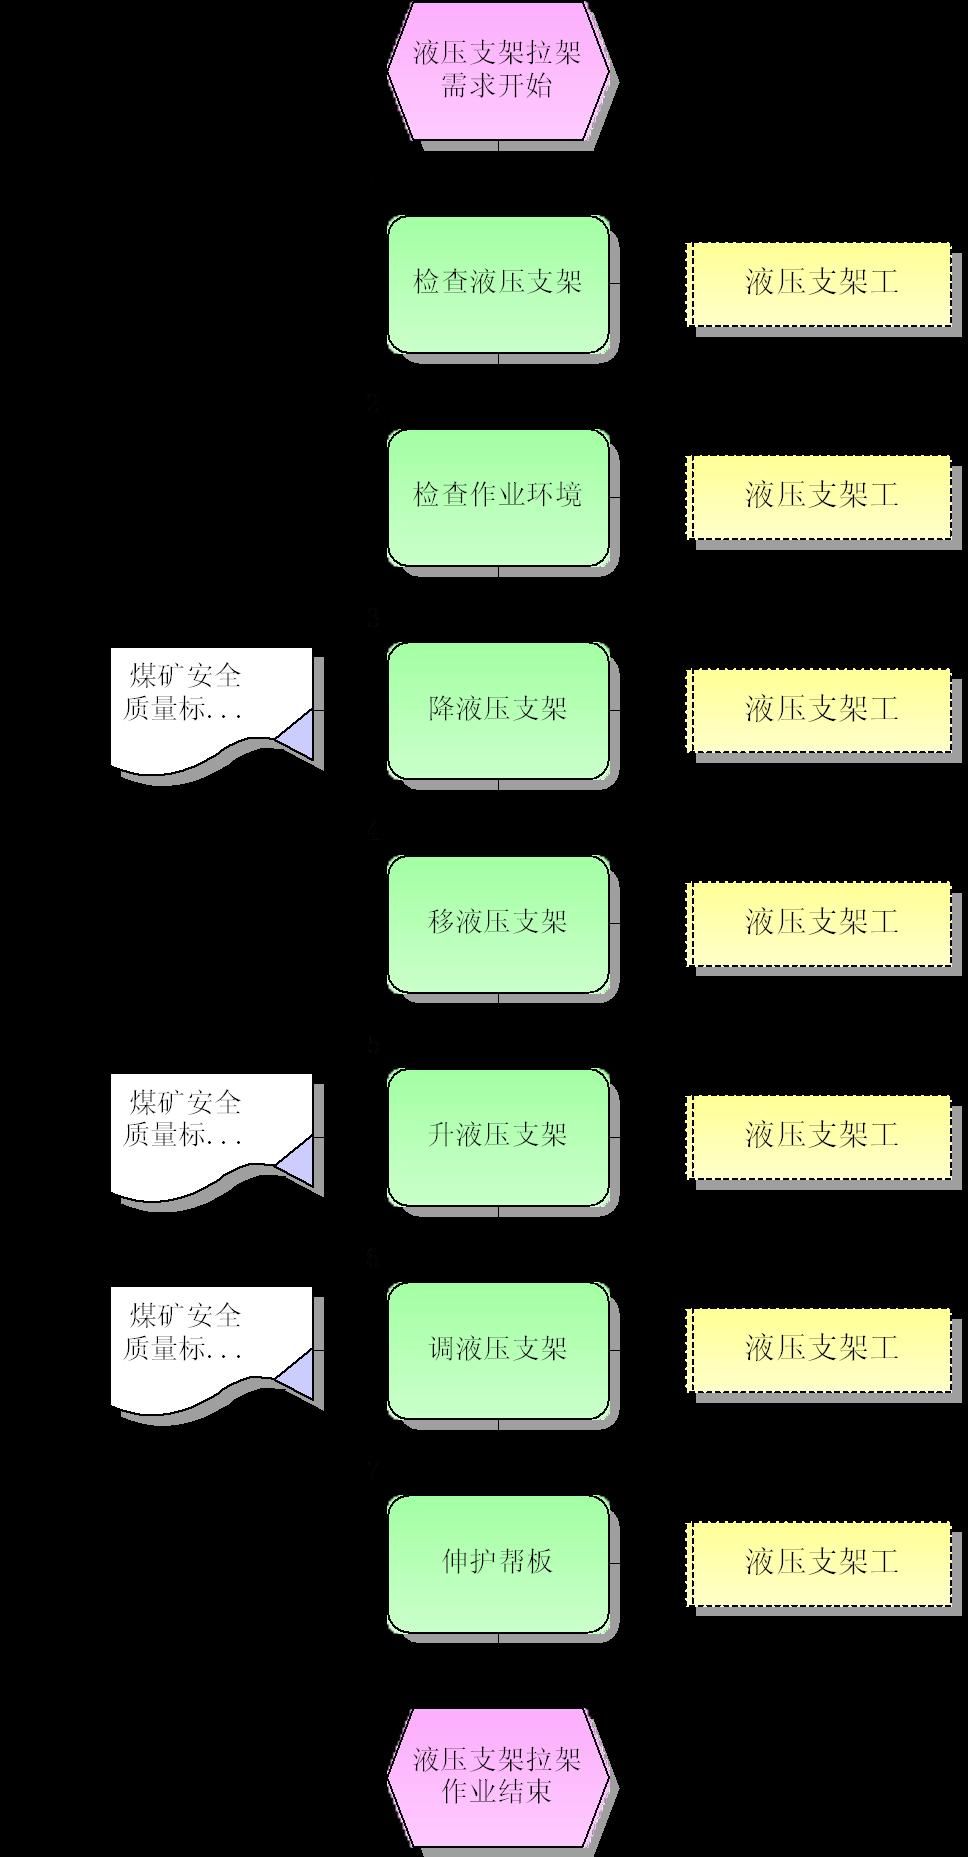 液压支架拉架标准作业流程